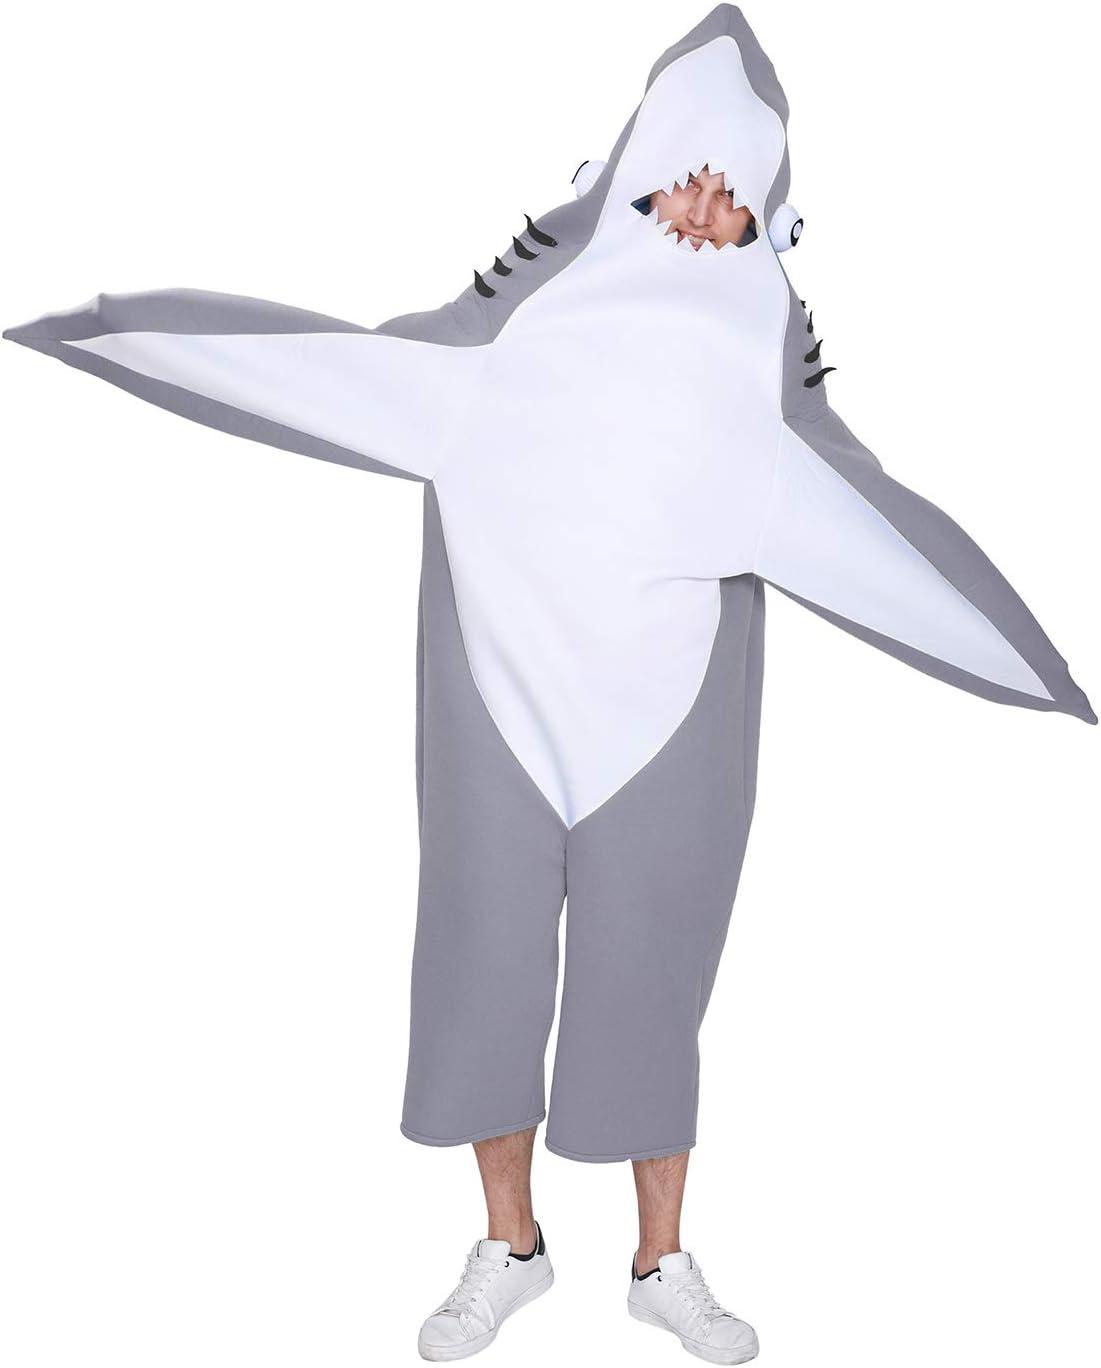 Bestia Vestiti regolati Simulazione Peluche Set FXQ Halloween Dress Up I Prodotti Che istituito per Halloween Dress Up Party lesposizione Giocare con Animali